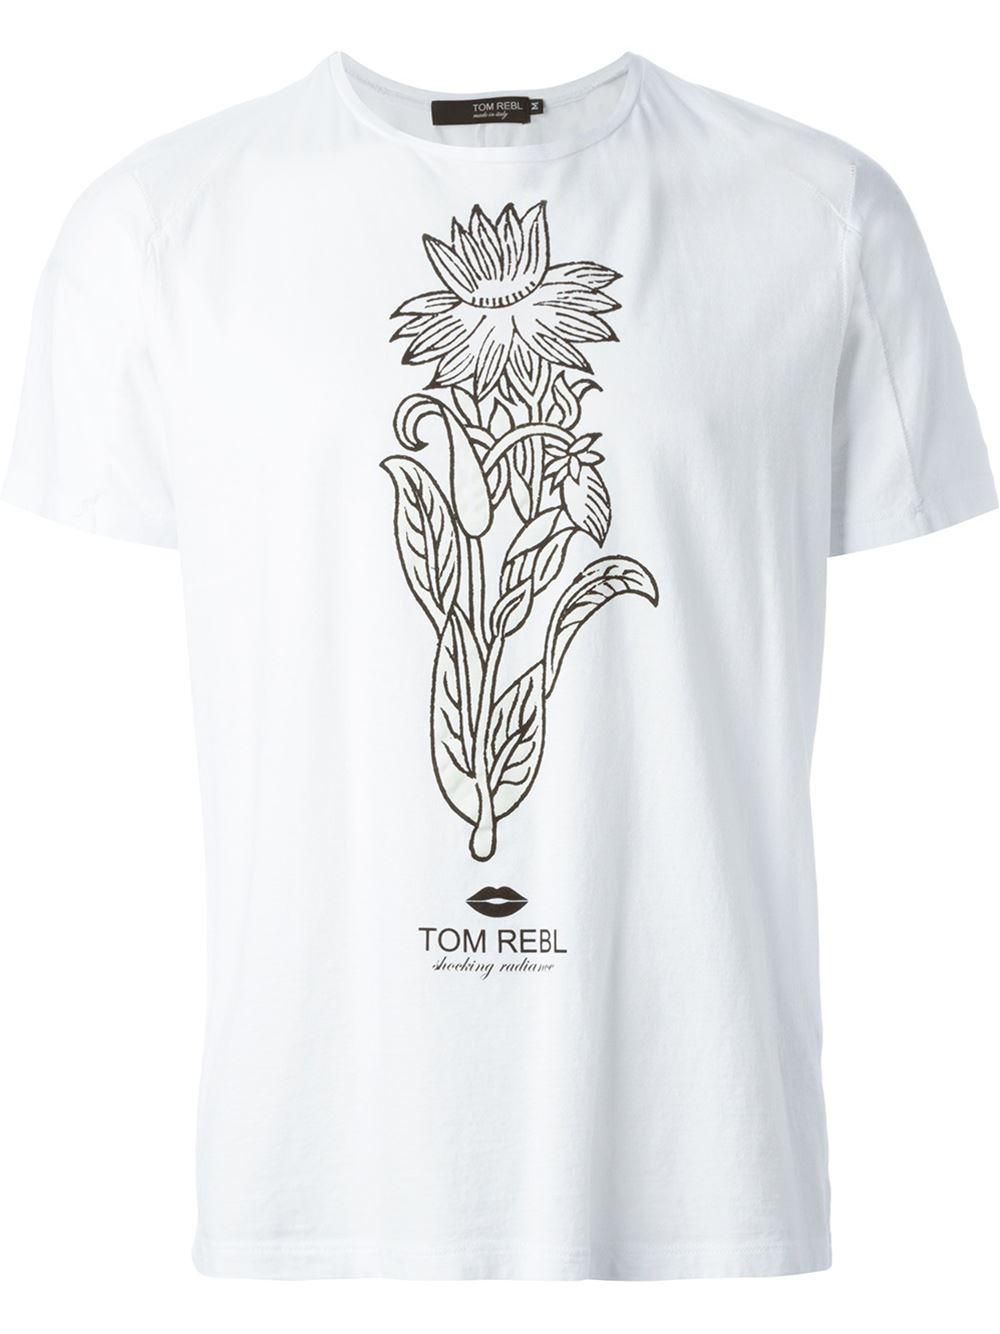 Tom rebl logo print t shirt in white for men lyst for Logo print t shirt